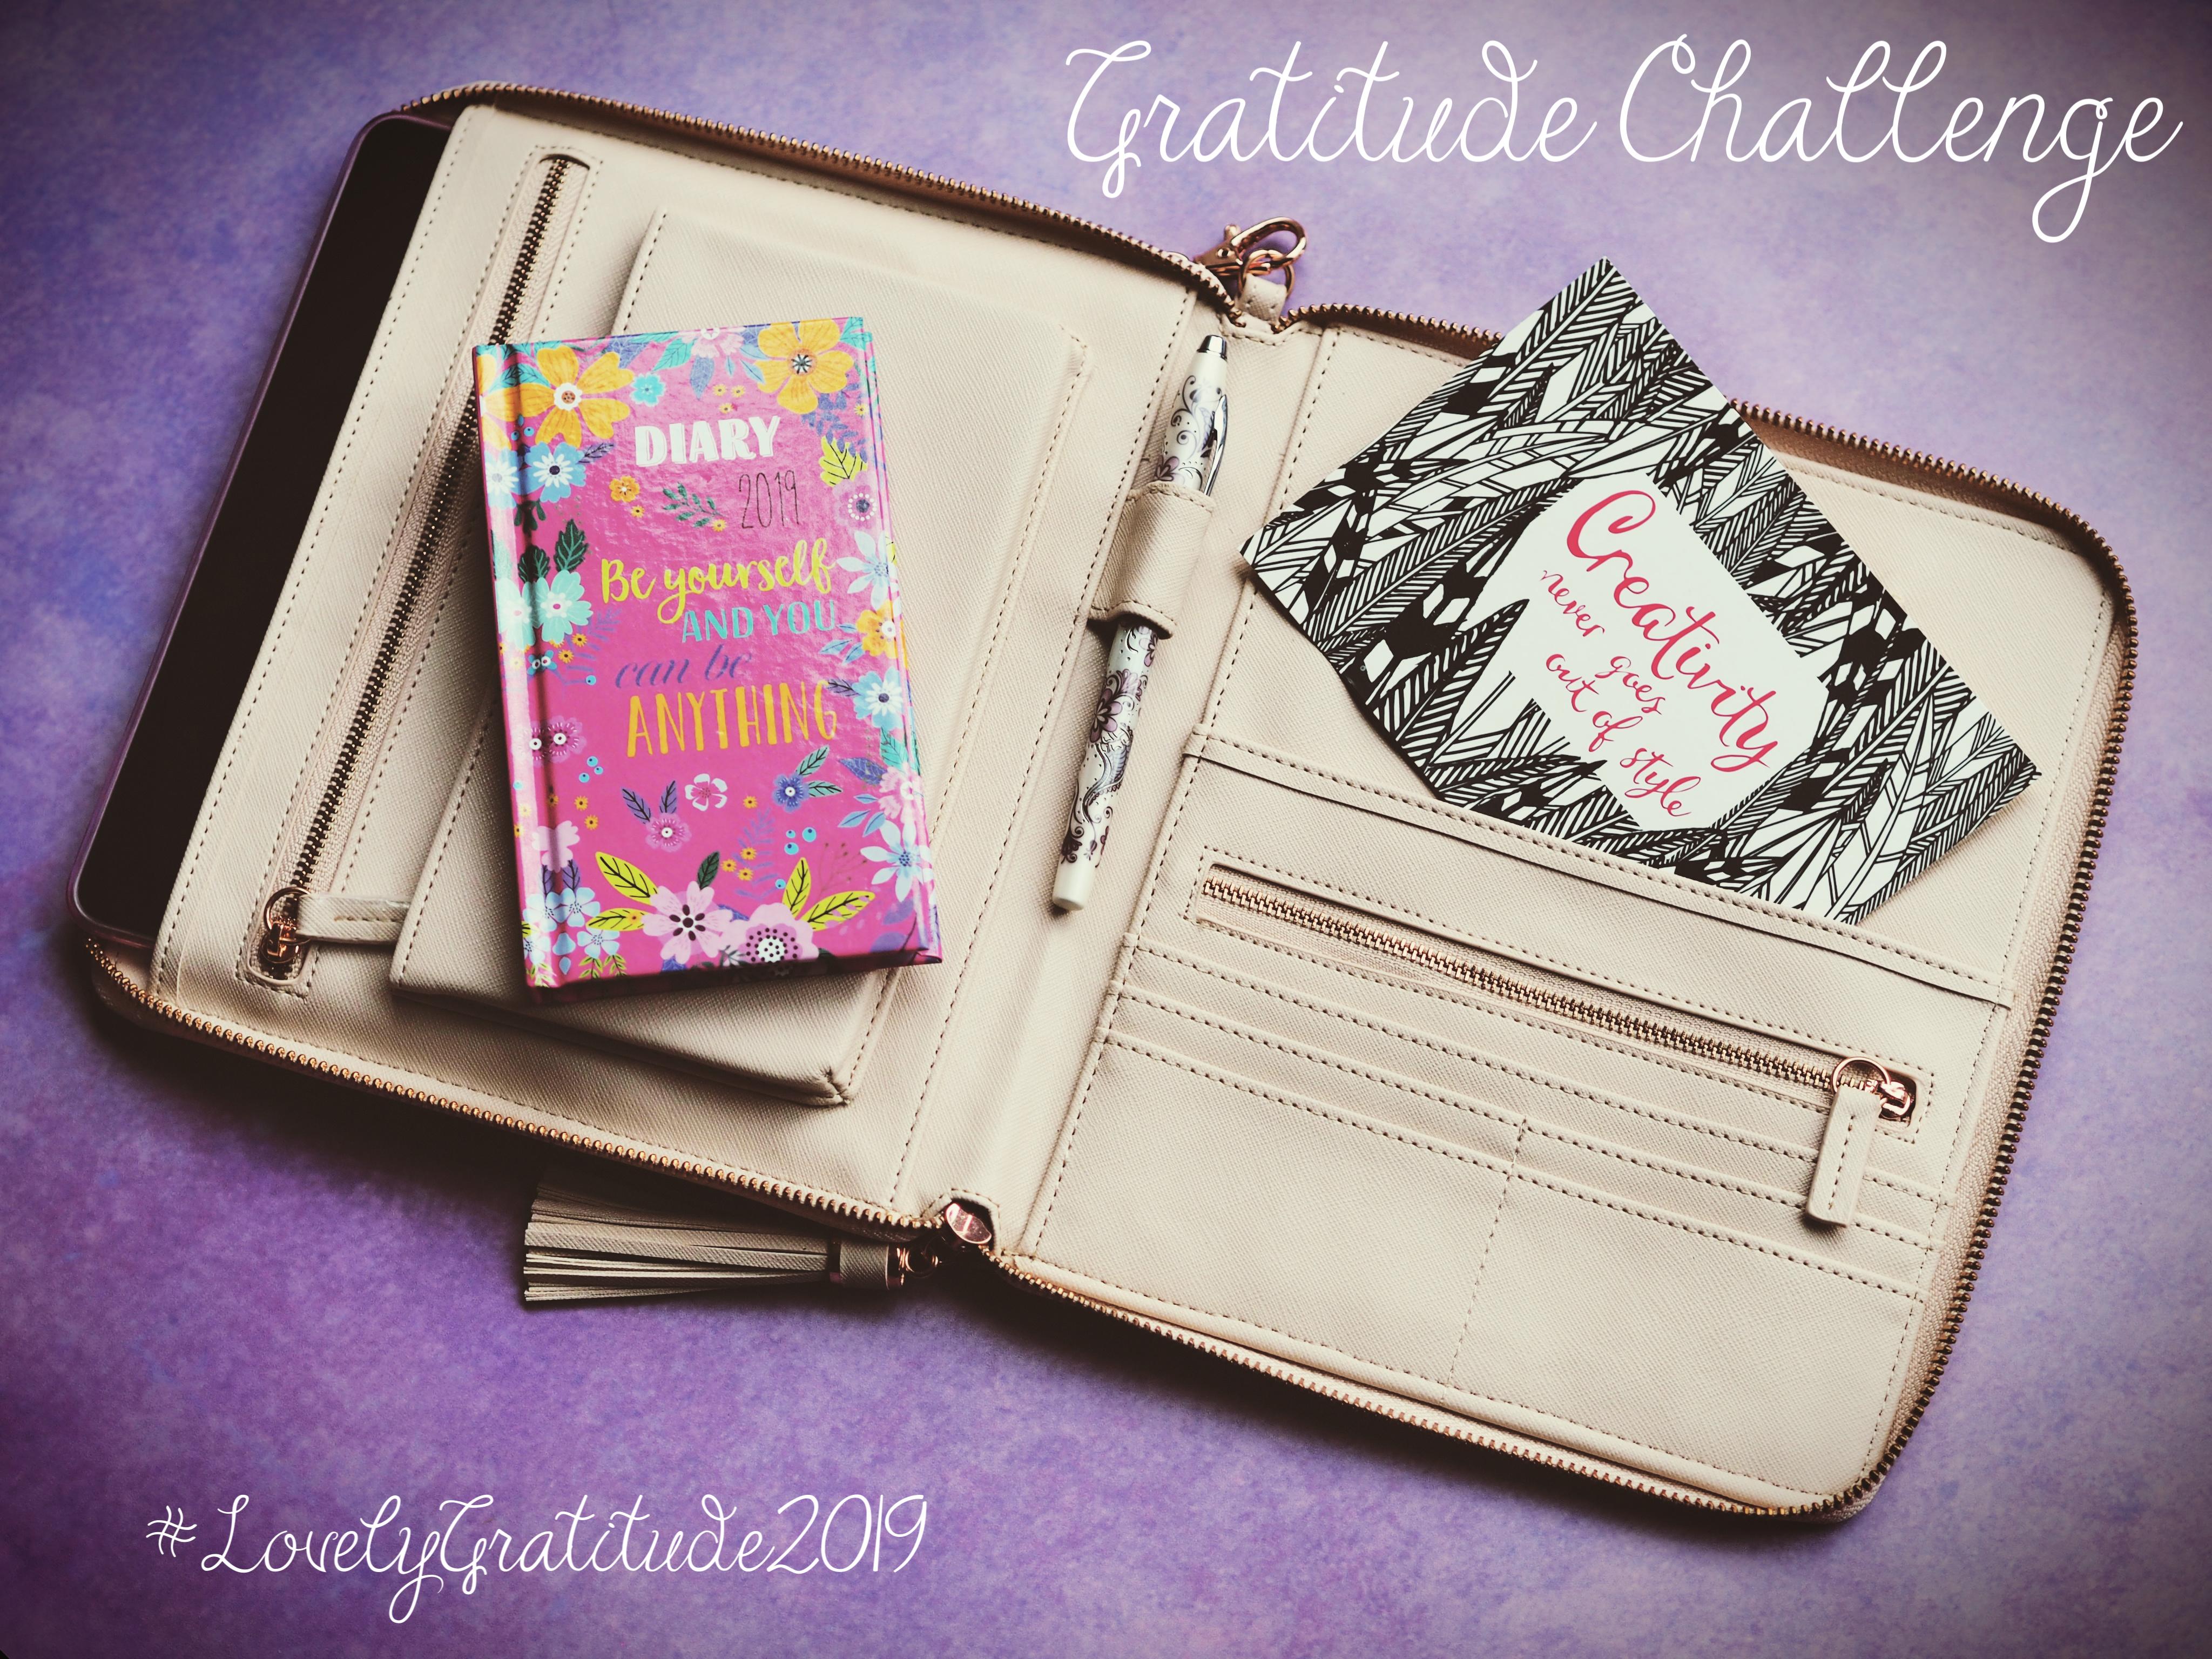 Lovely Gratitude - February 2019 Gratitude Challenge